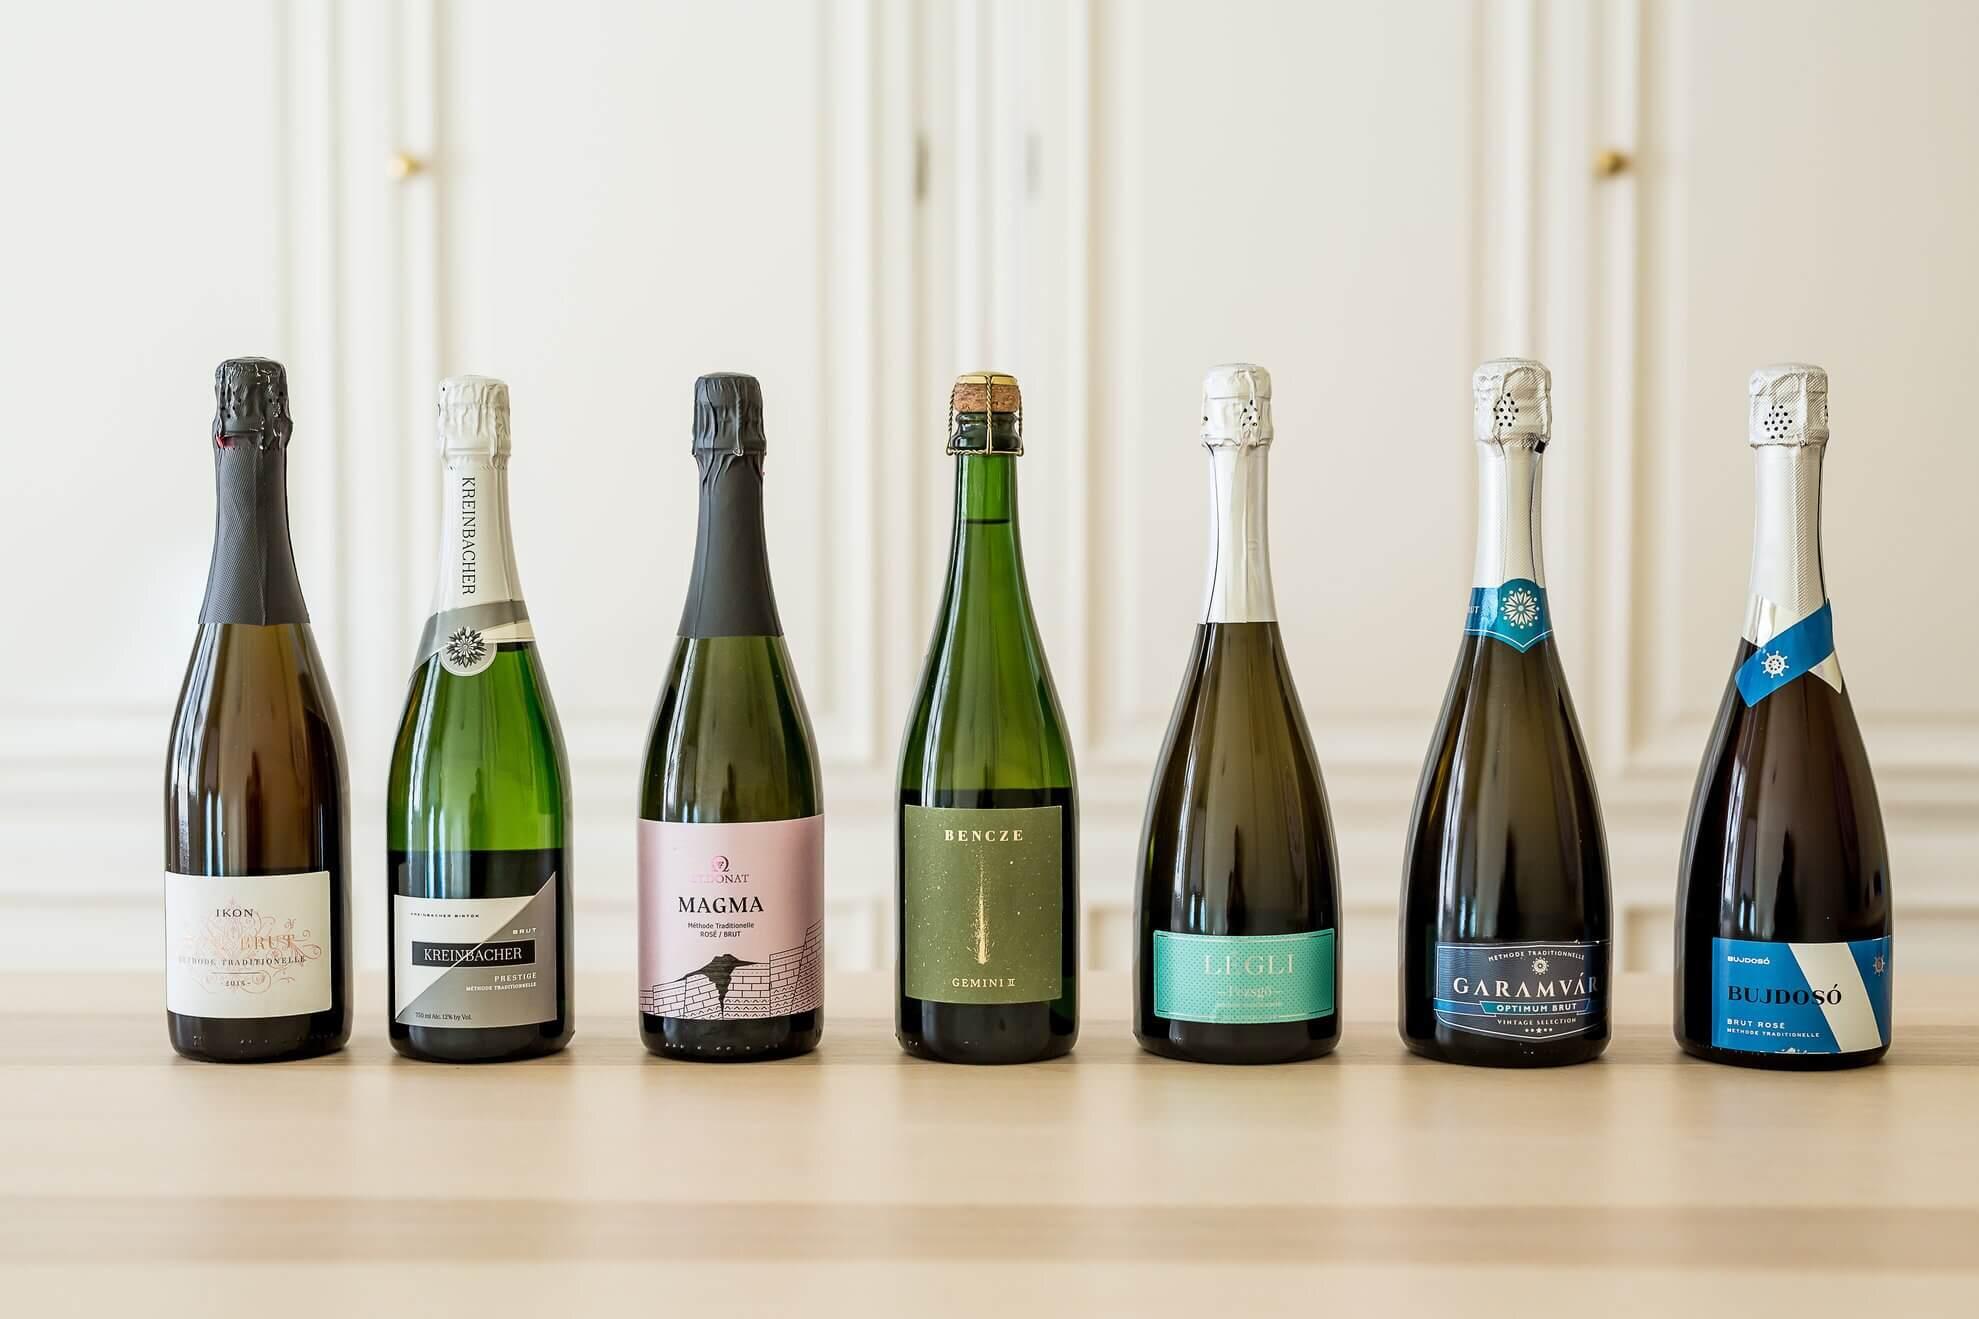 Rượu Sparkling của Hungary